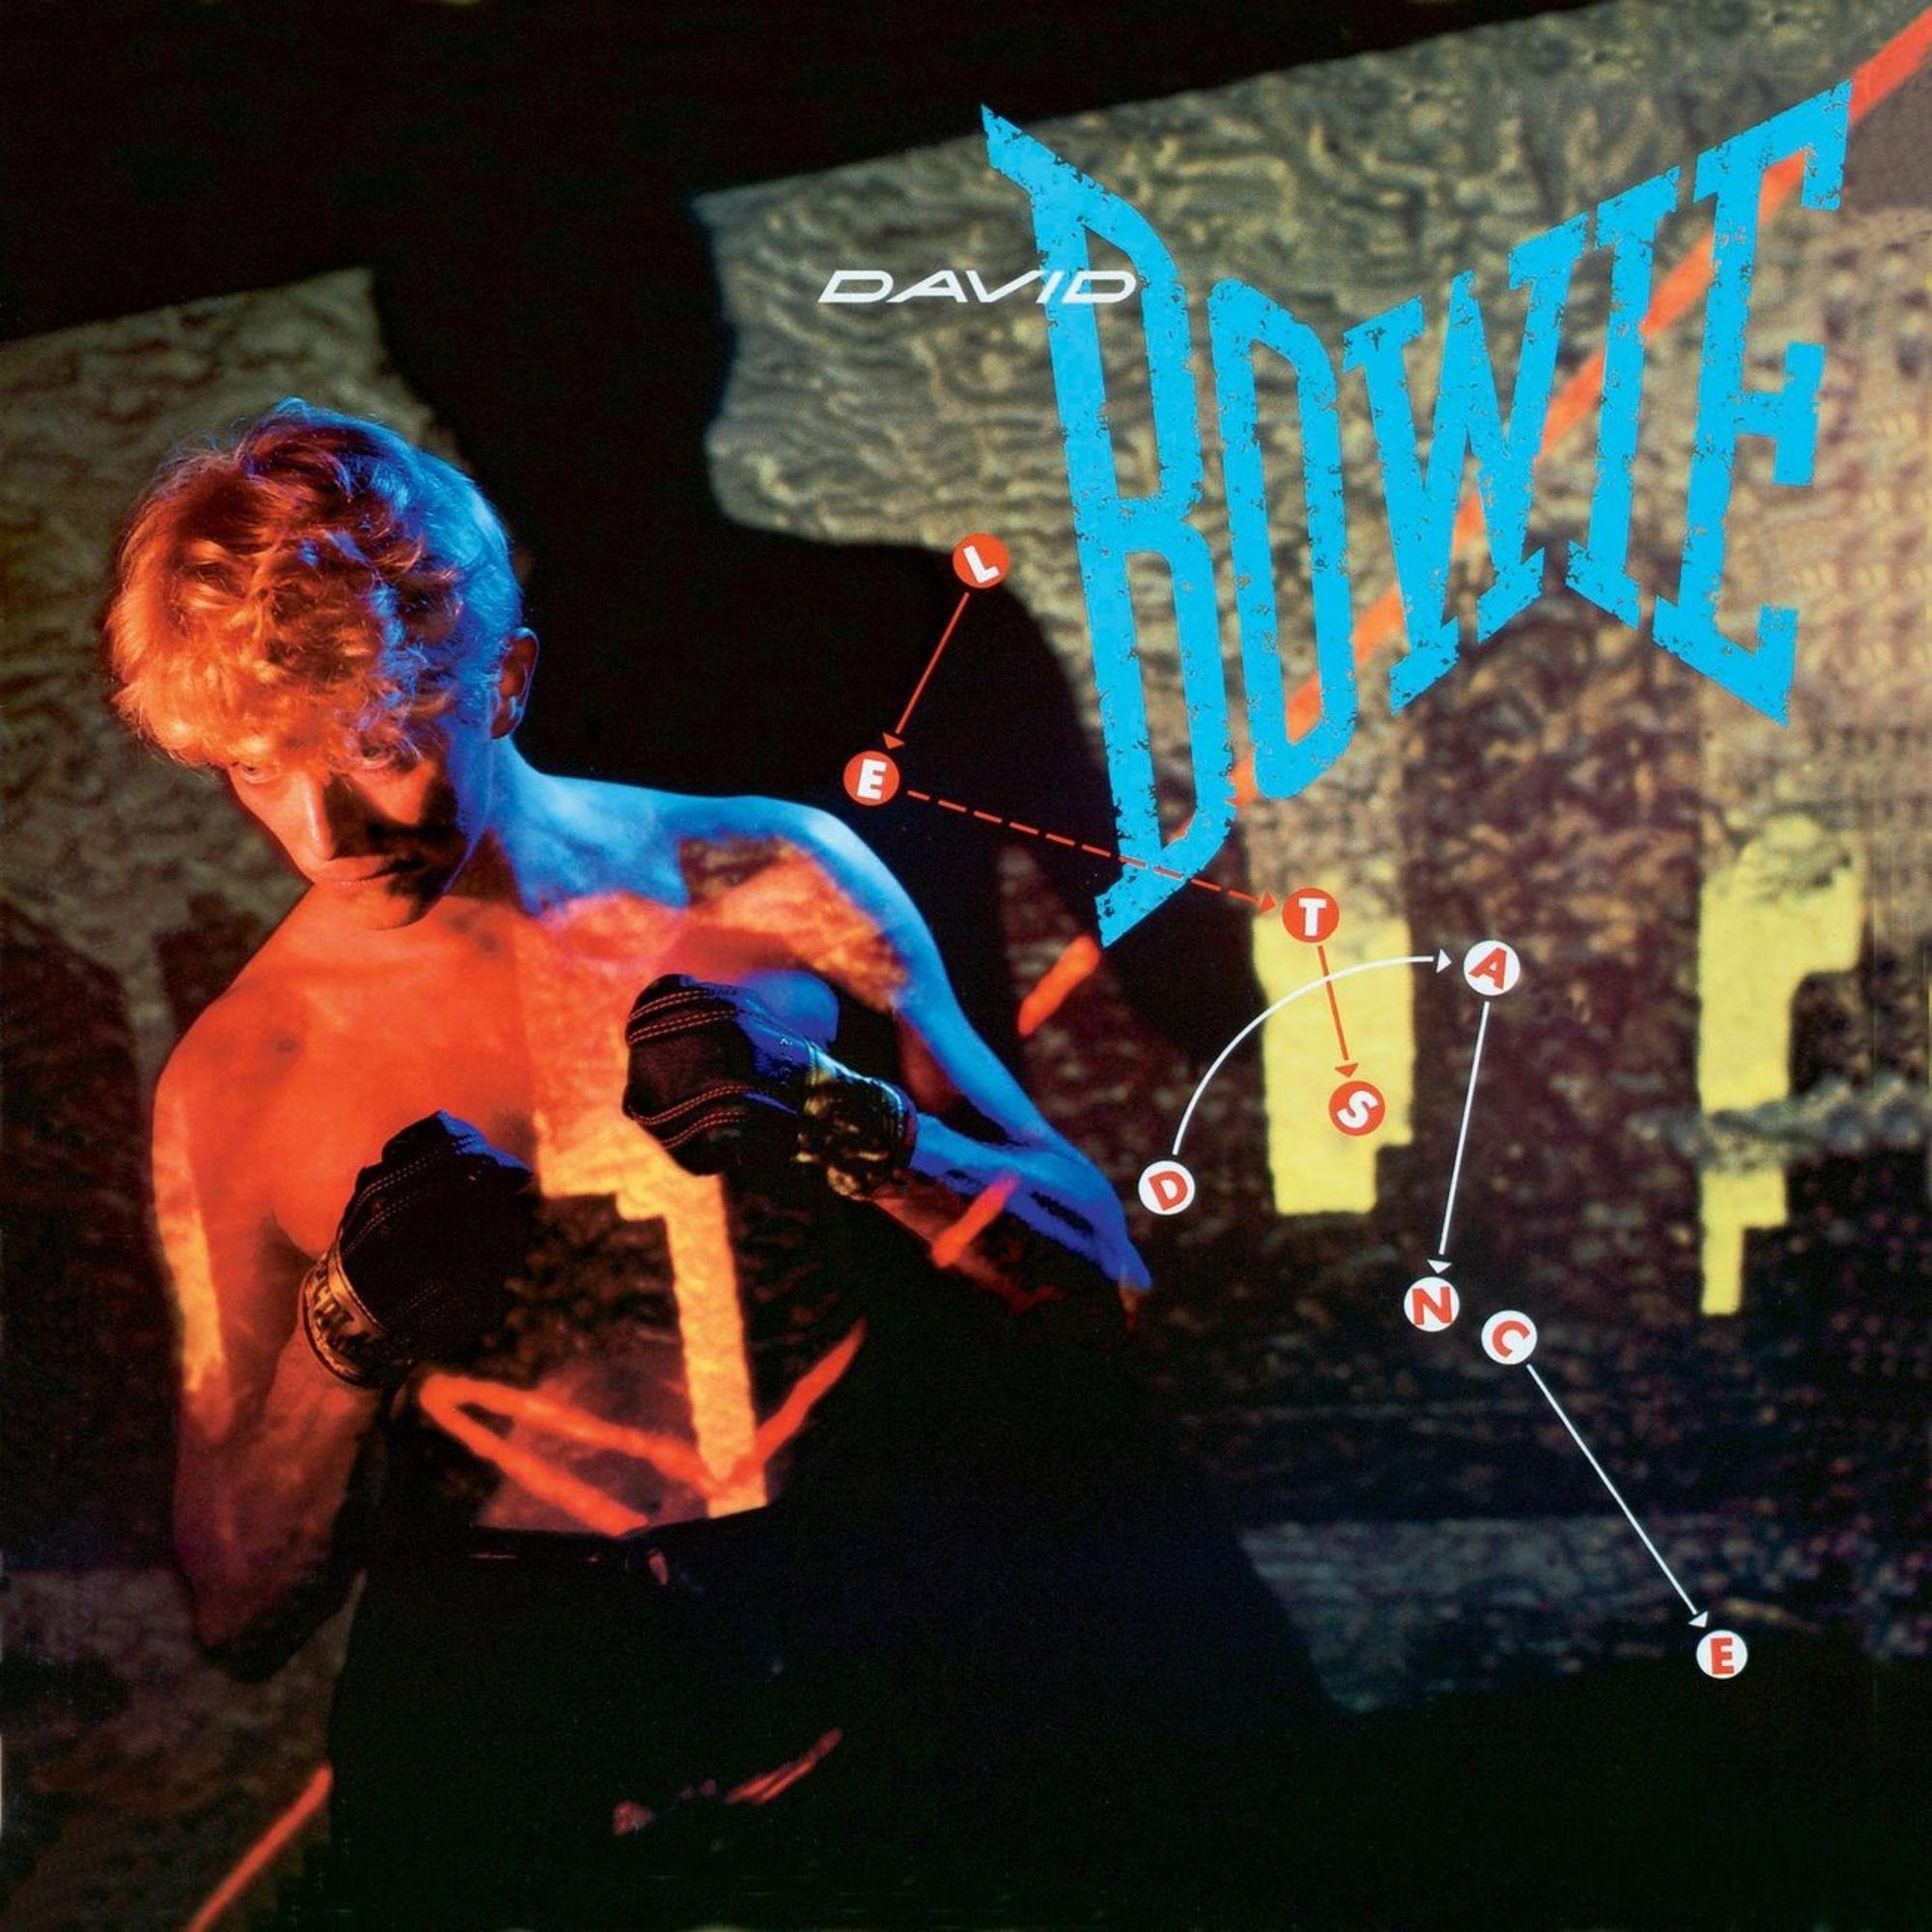 David Bowie - Let's Dance album cover